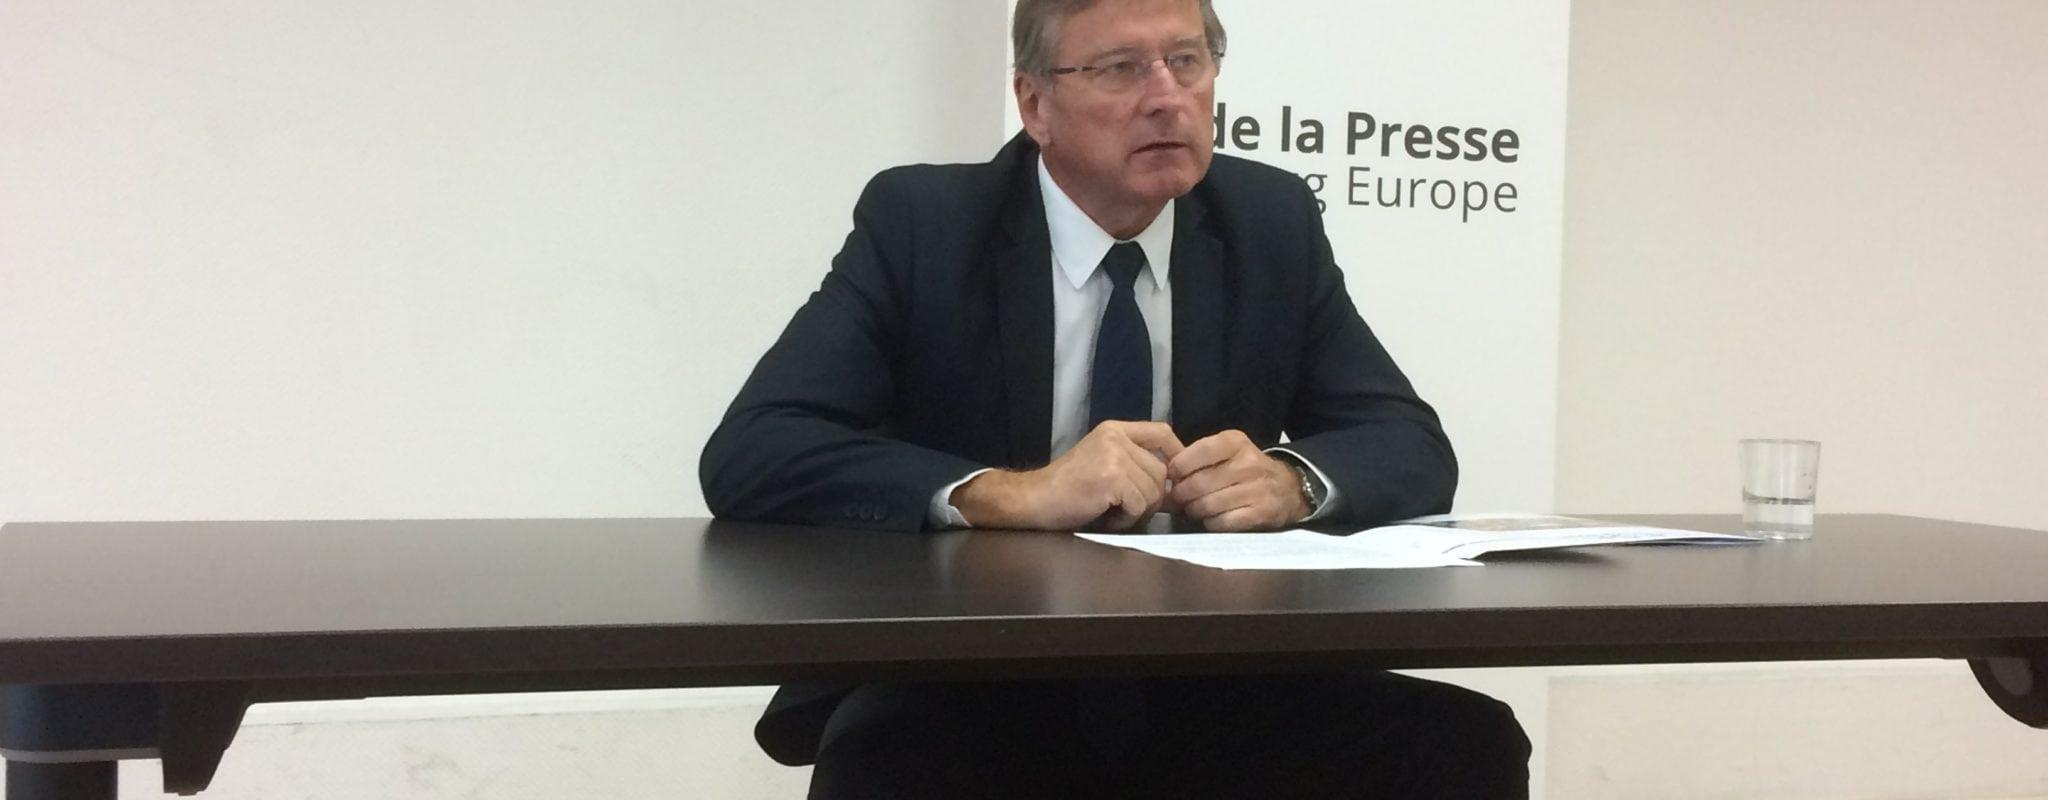 Pour le président du Ceser, Strasbourg ne peut rester capitale du Grand Est avec un département Alsace puissant